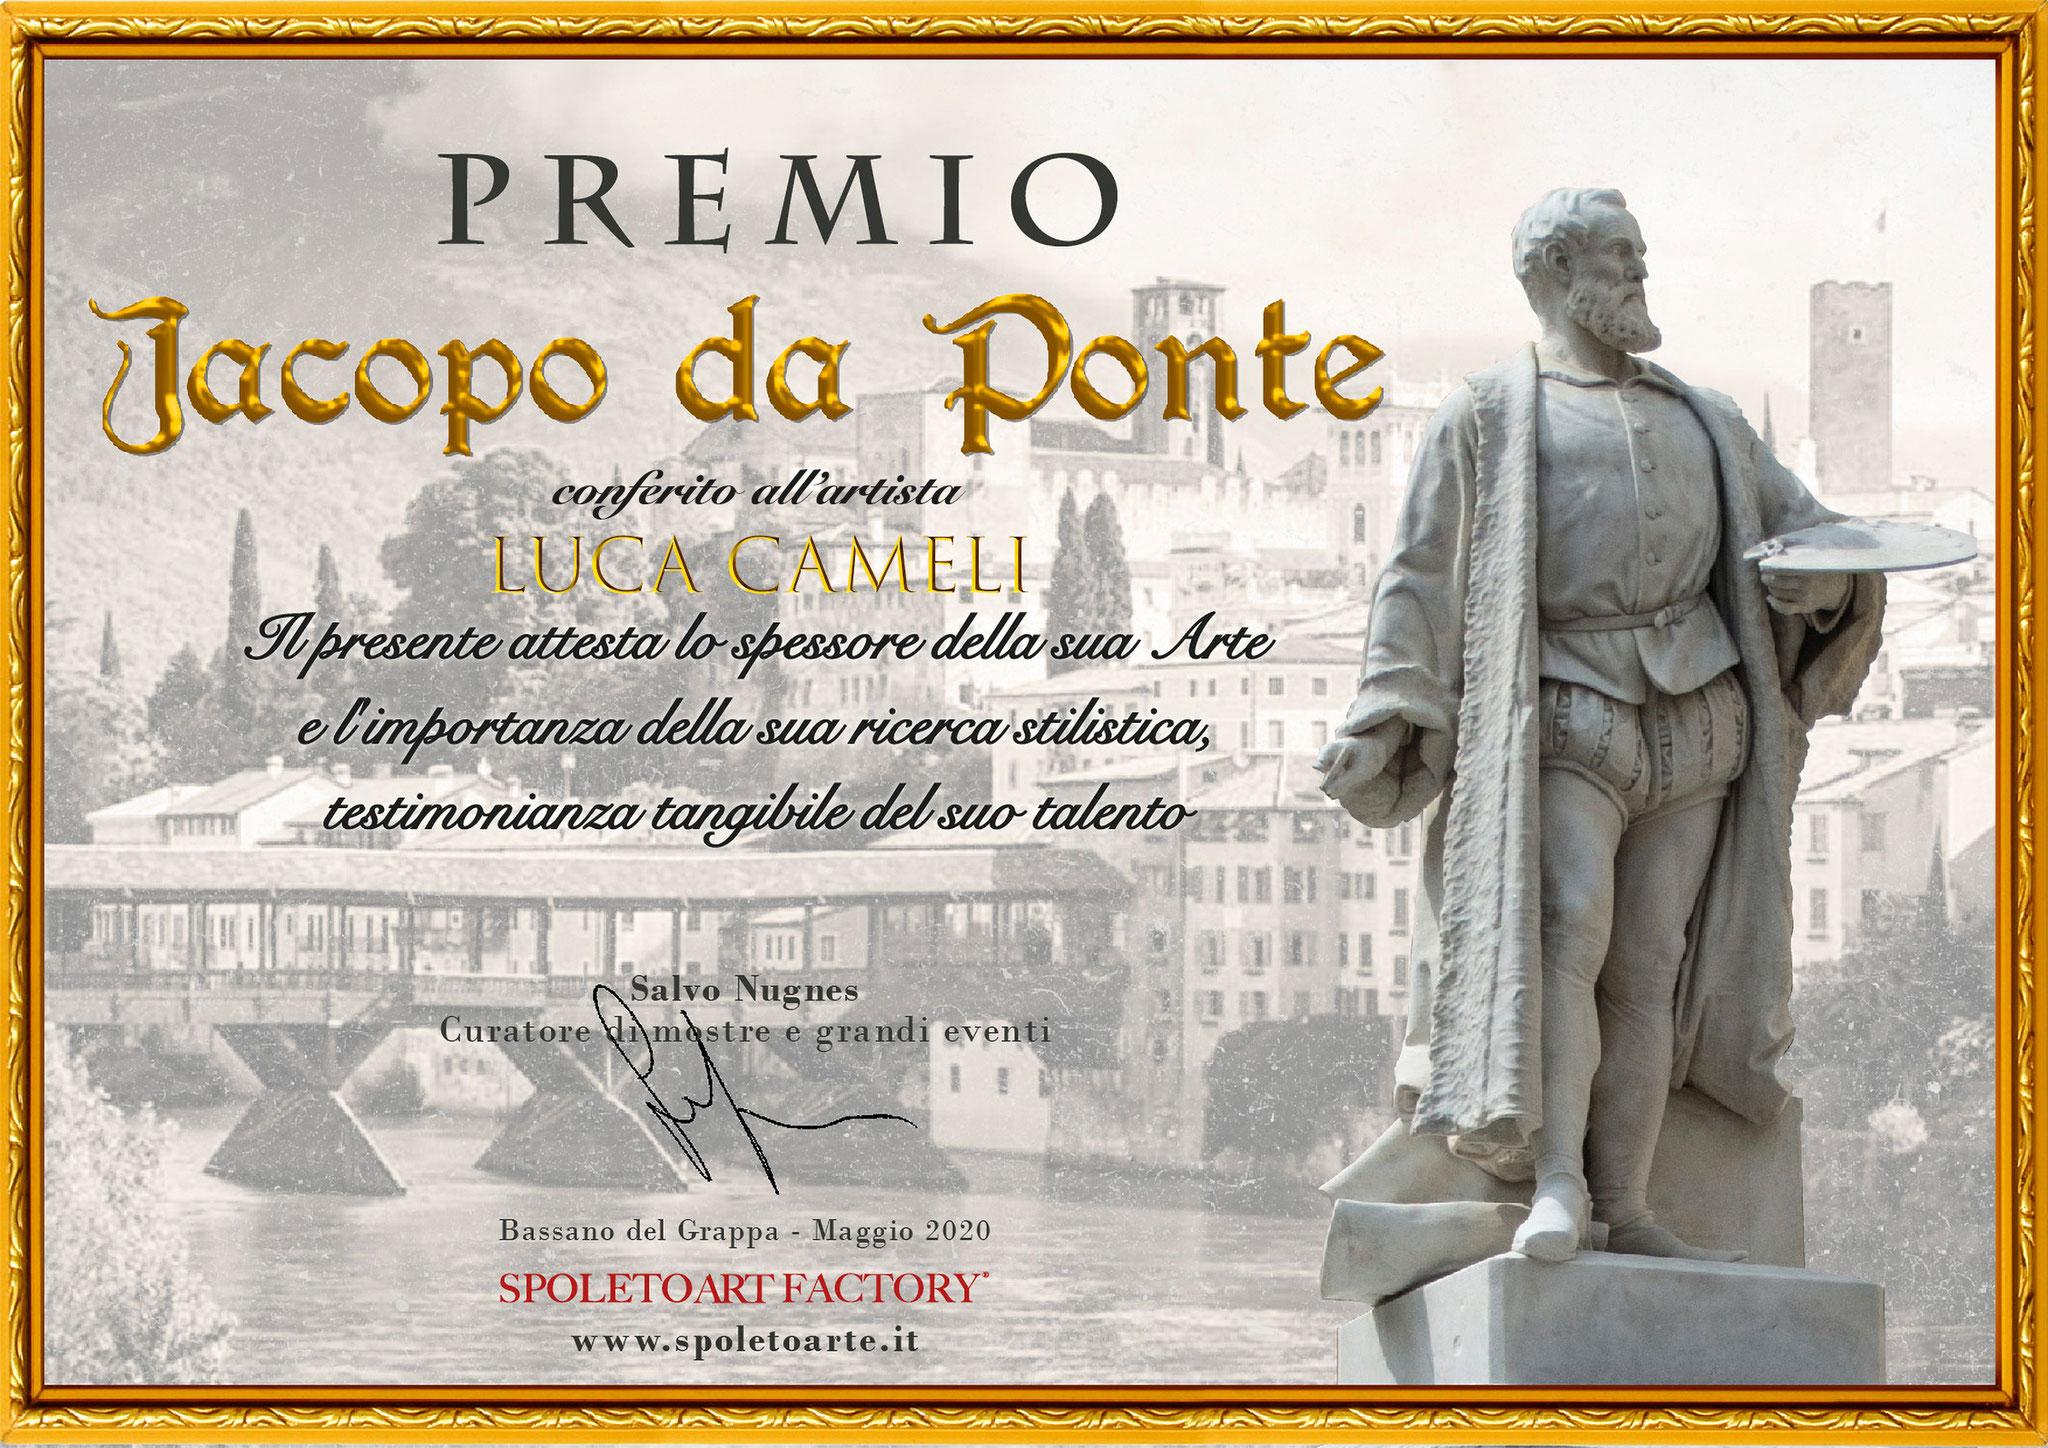 """""""Premio Jacopo da Ponte"""" per Luca Cameli conferito dall'Associazione Spoleto Arte di Bassano del Grappa"""